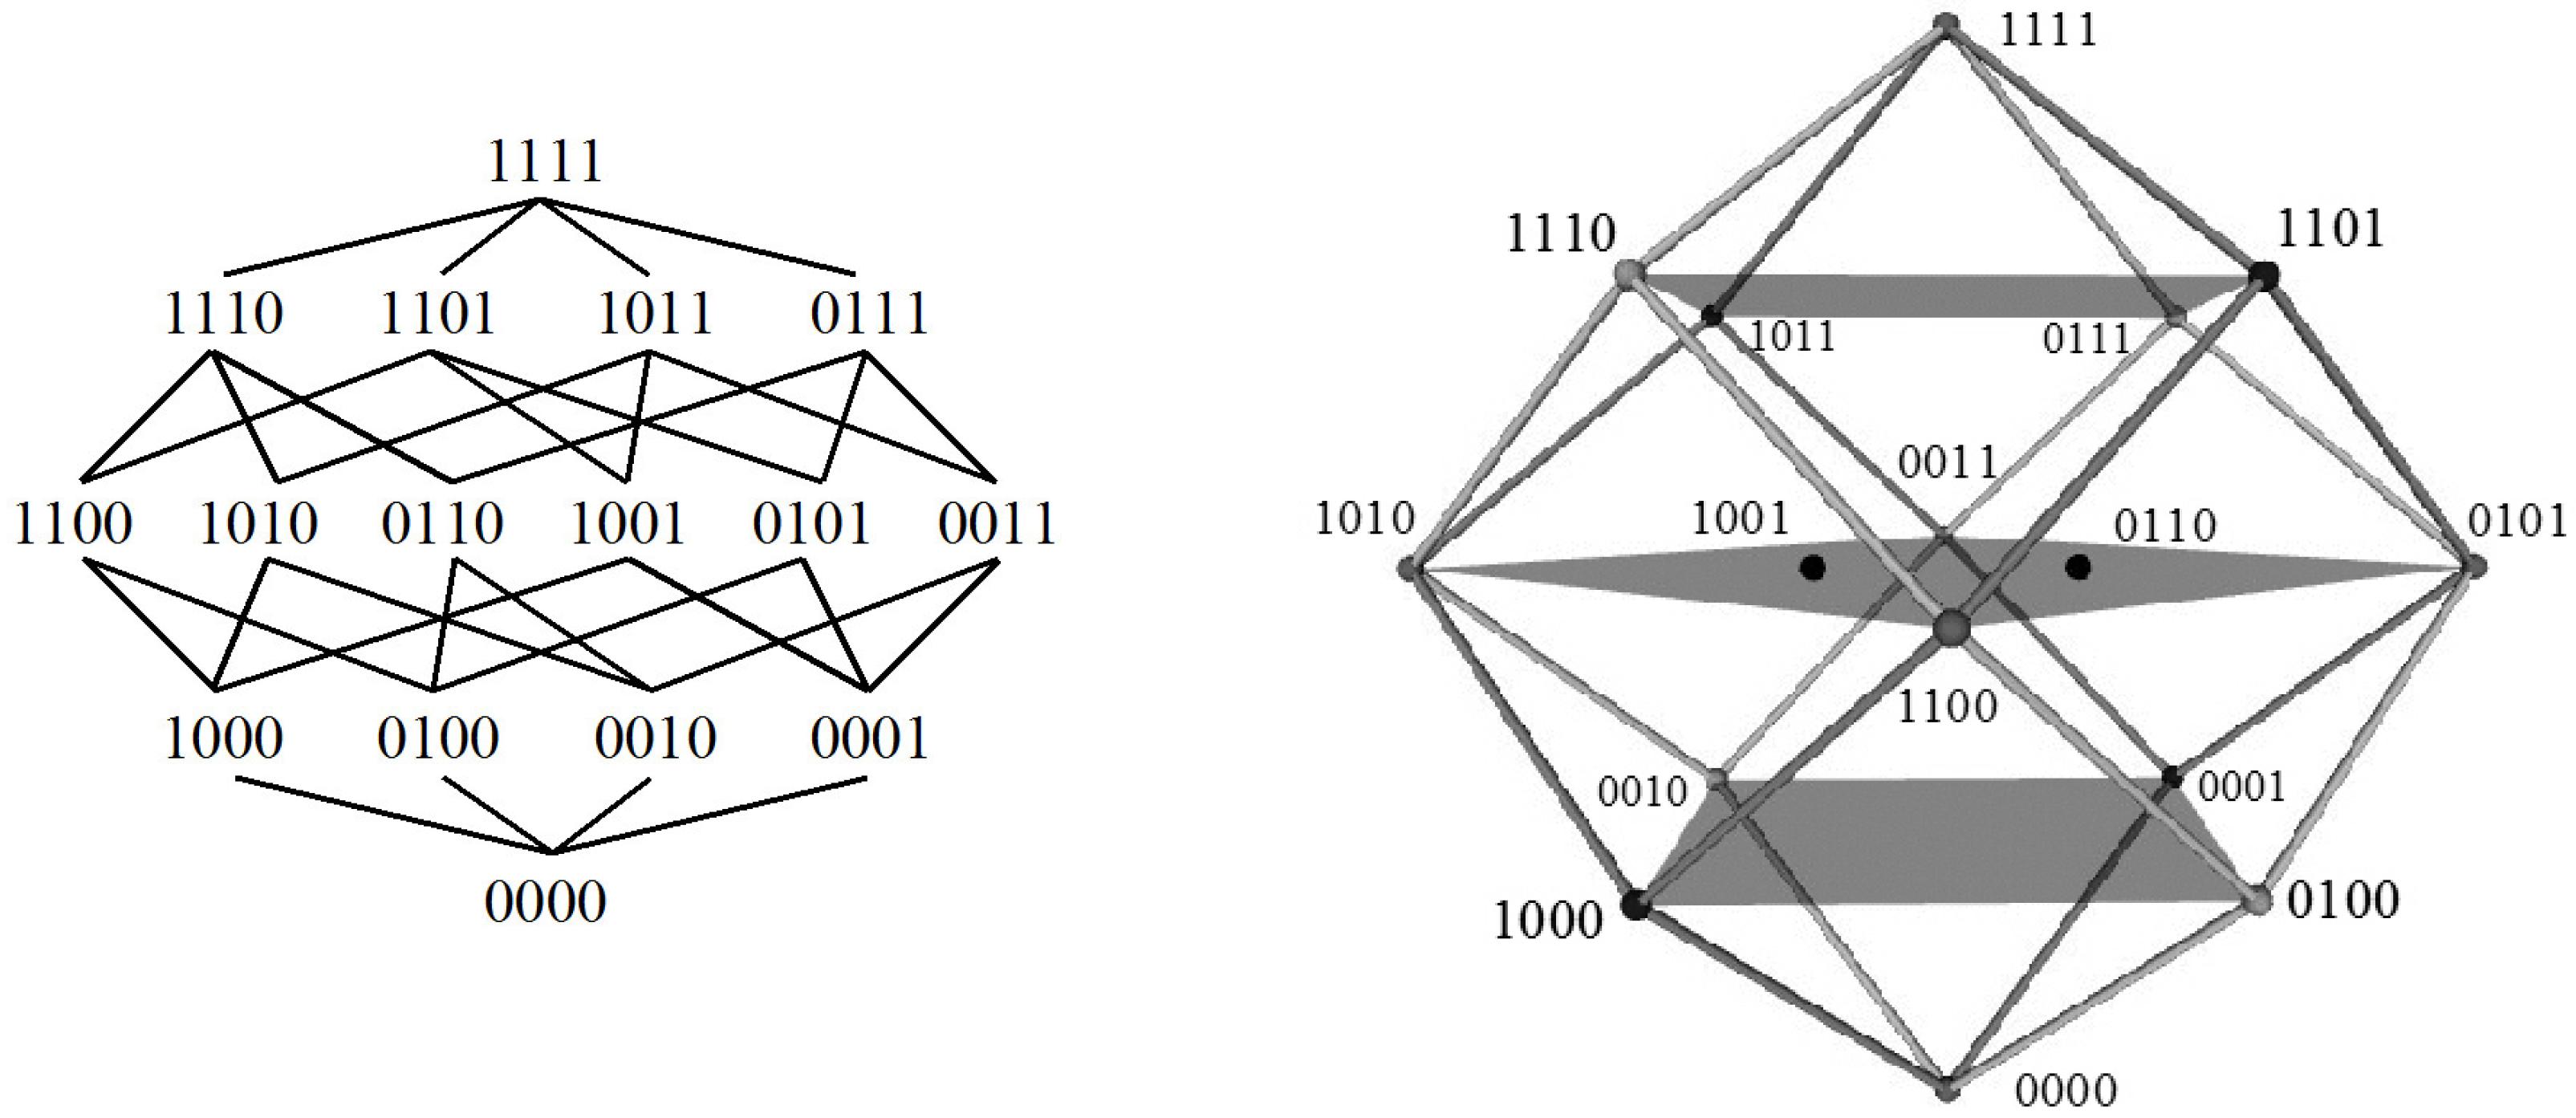 enterprise network diagram full